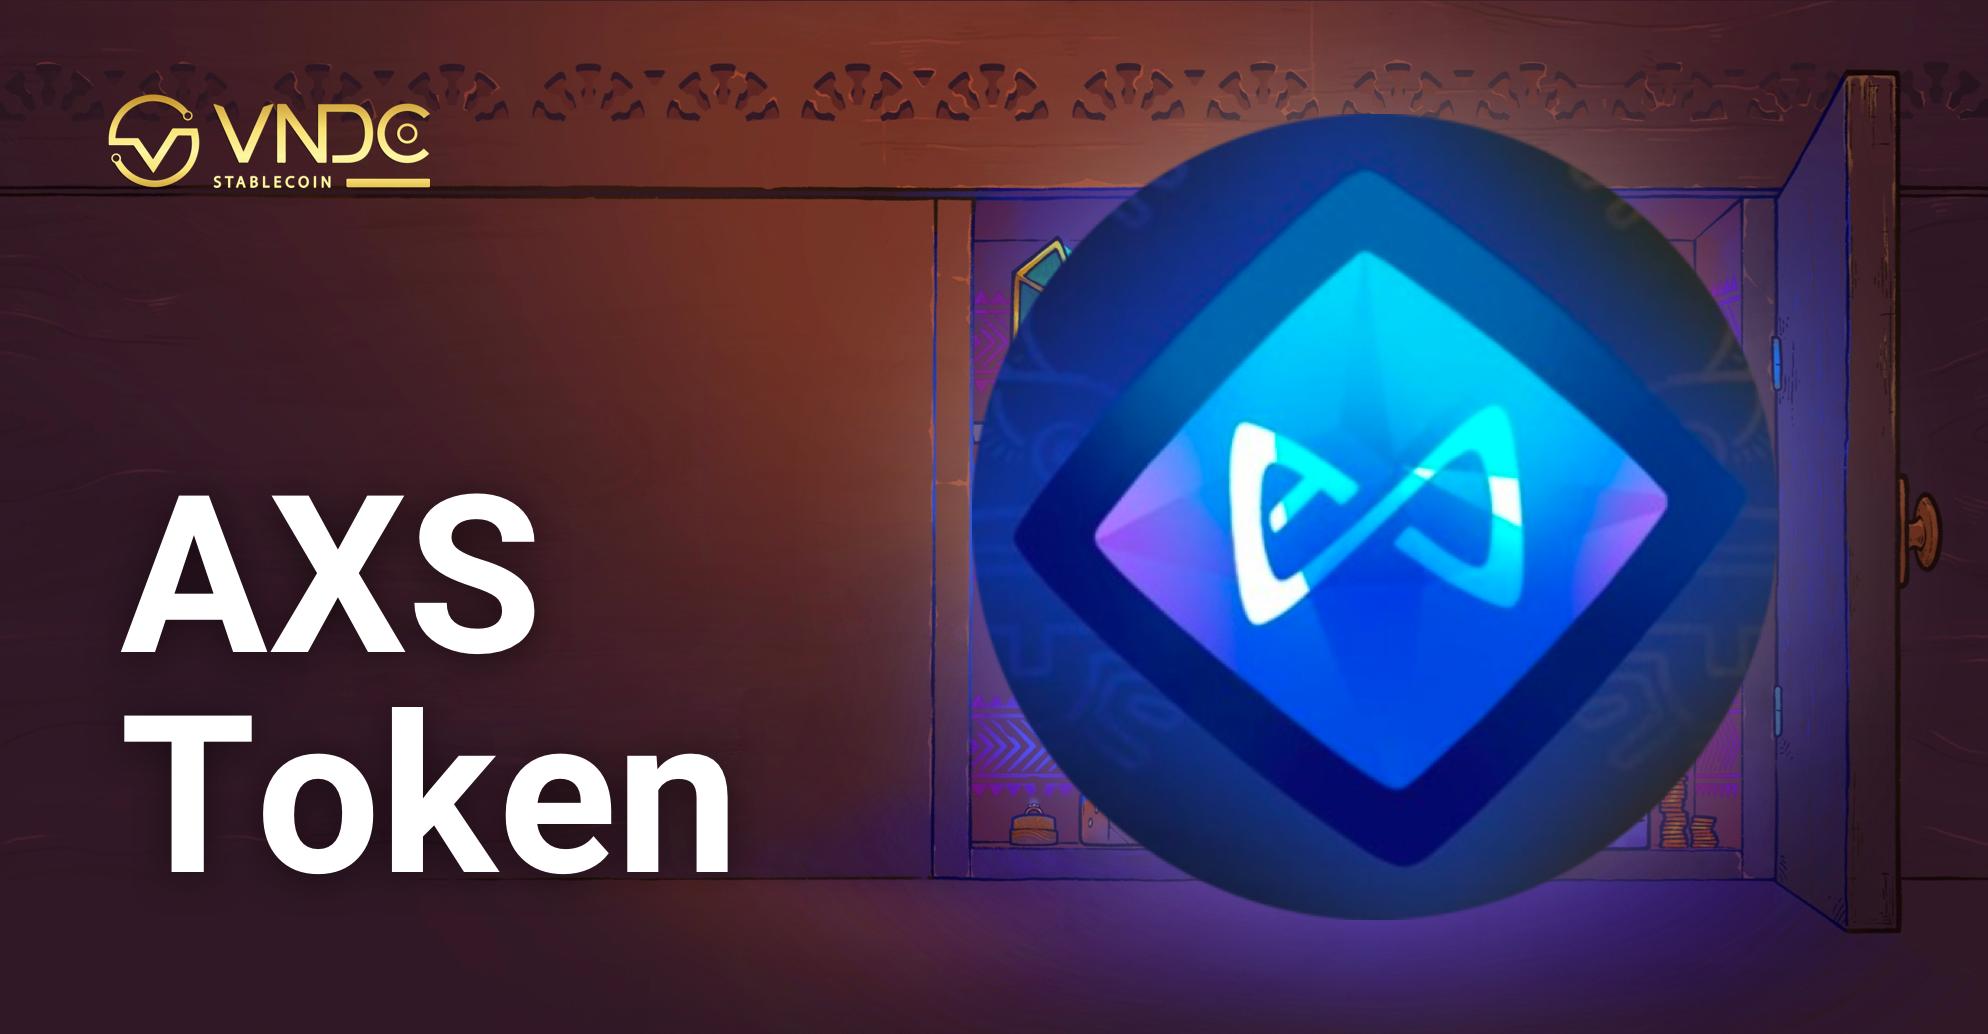 Niêm yết Axie Infinity Token (AXS) trên VNDC Wallet hôm nay 20/05/2021